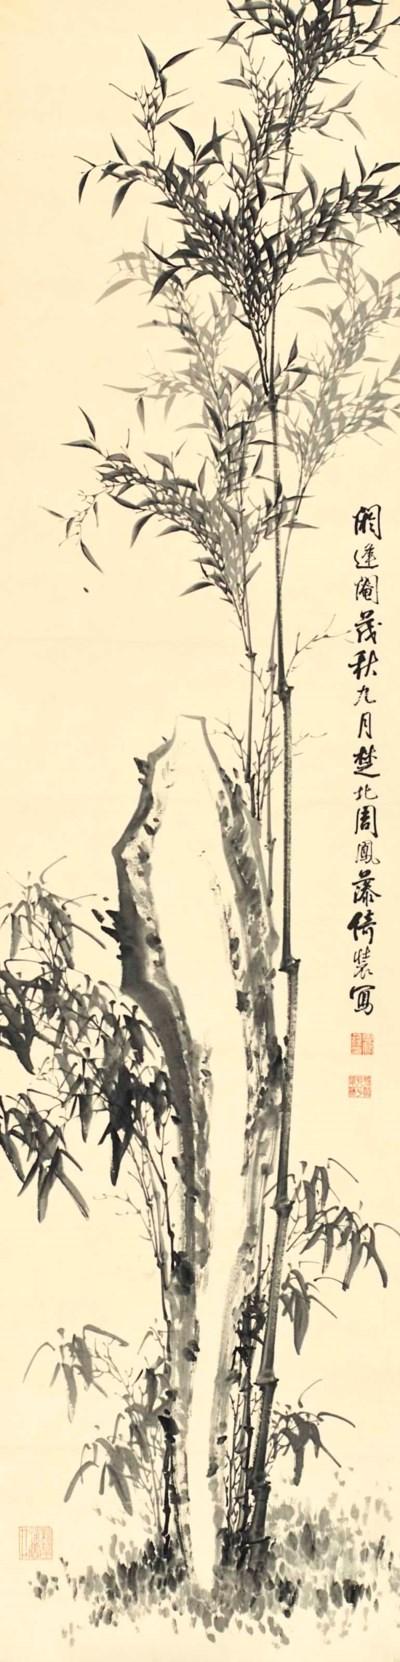 ZHOU FENGZAO (QING DYNASTY)